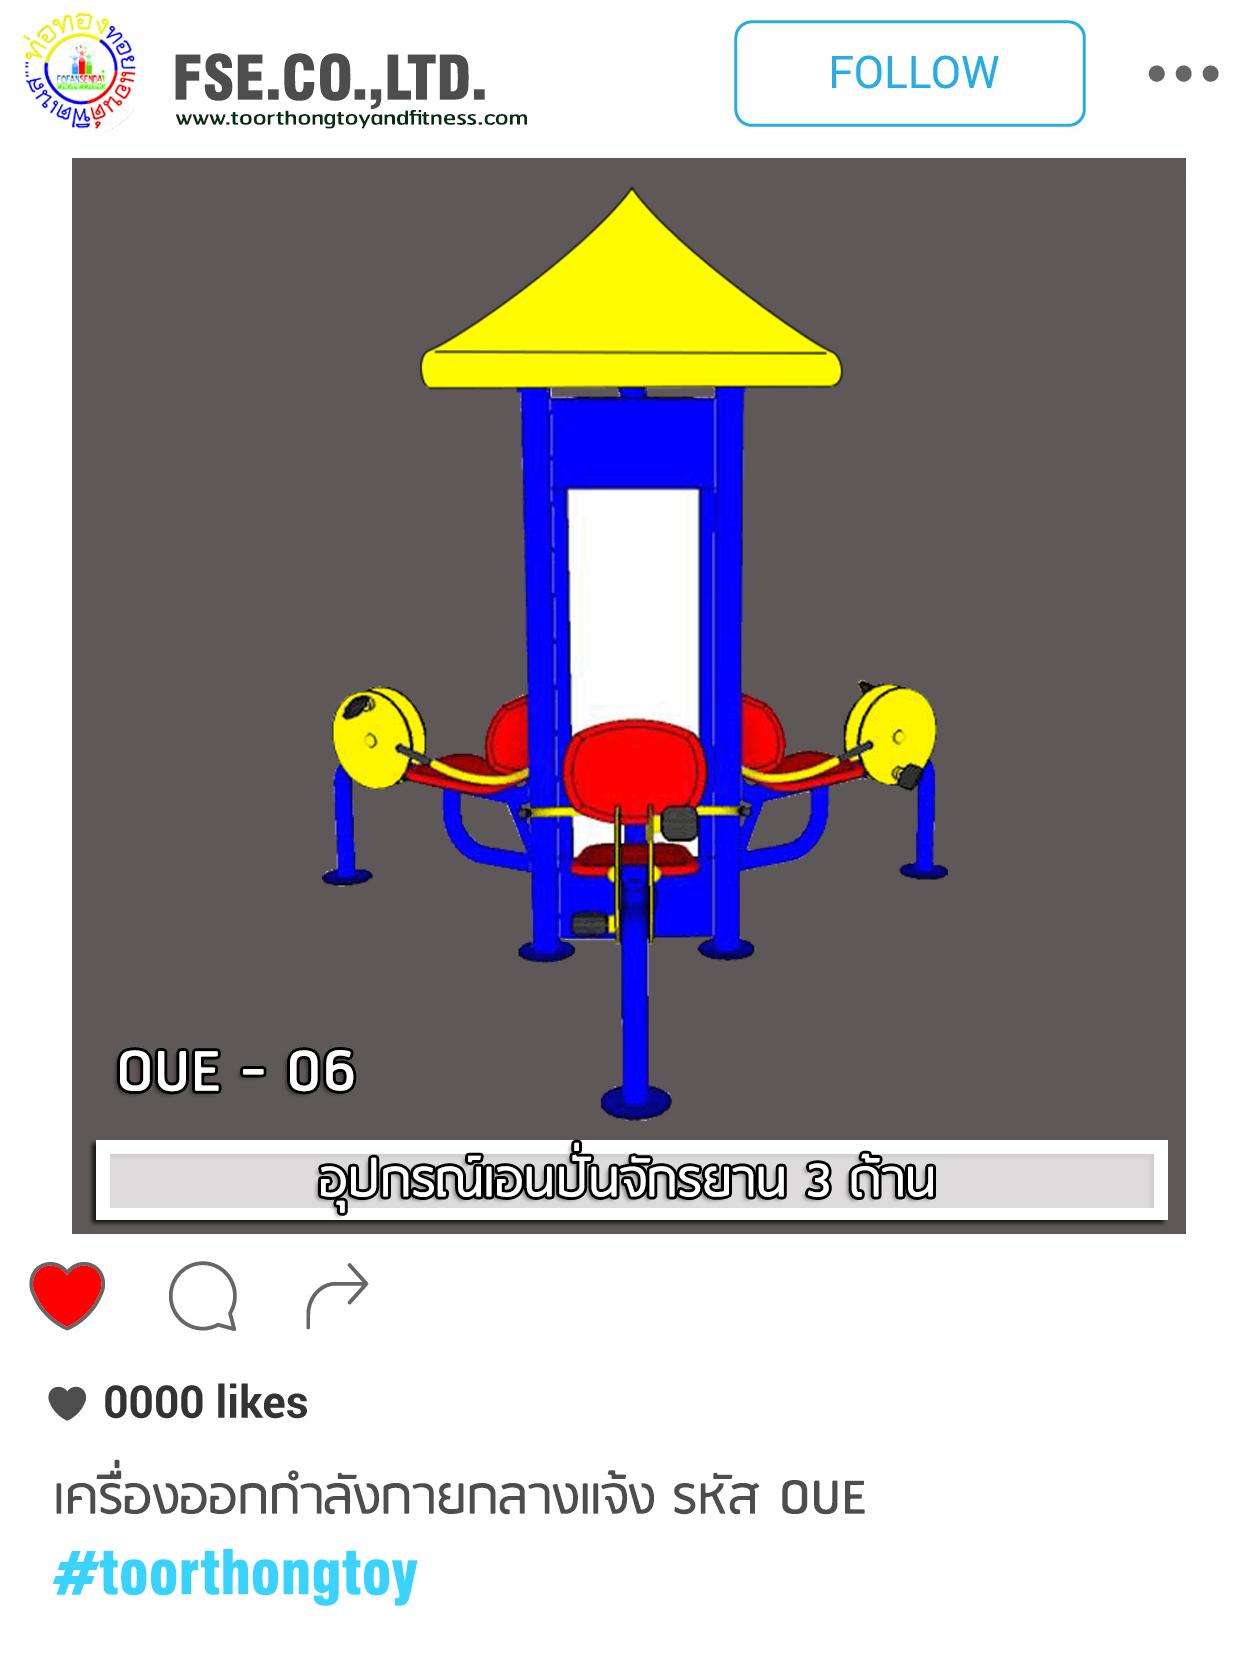 OUE-06 อุปกรณ์เอนปั่นจักรยาน 3 ด้าน